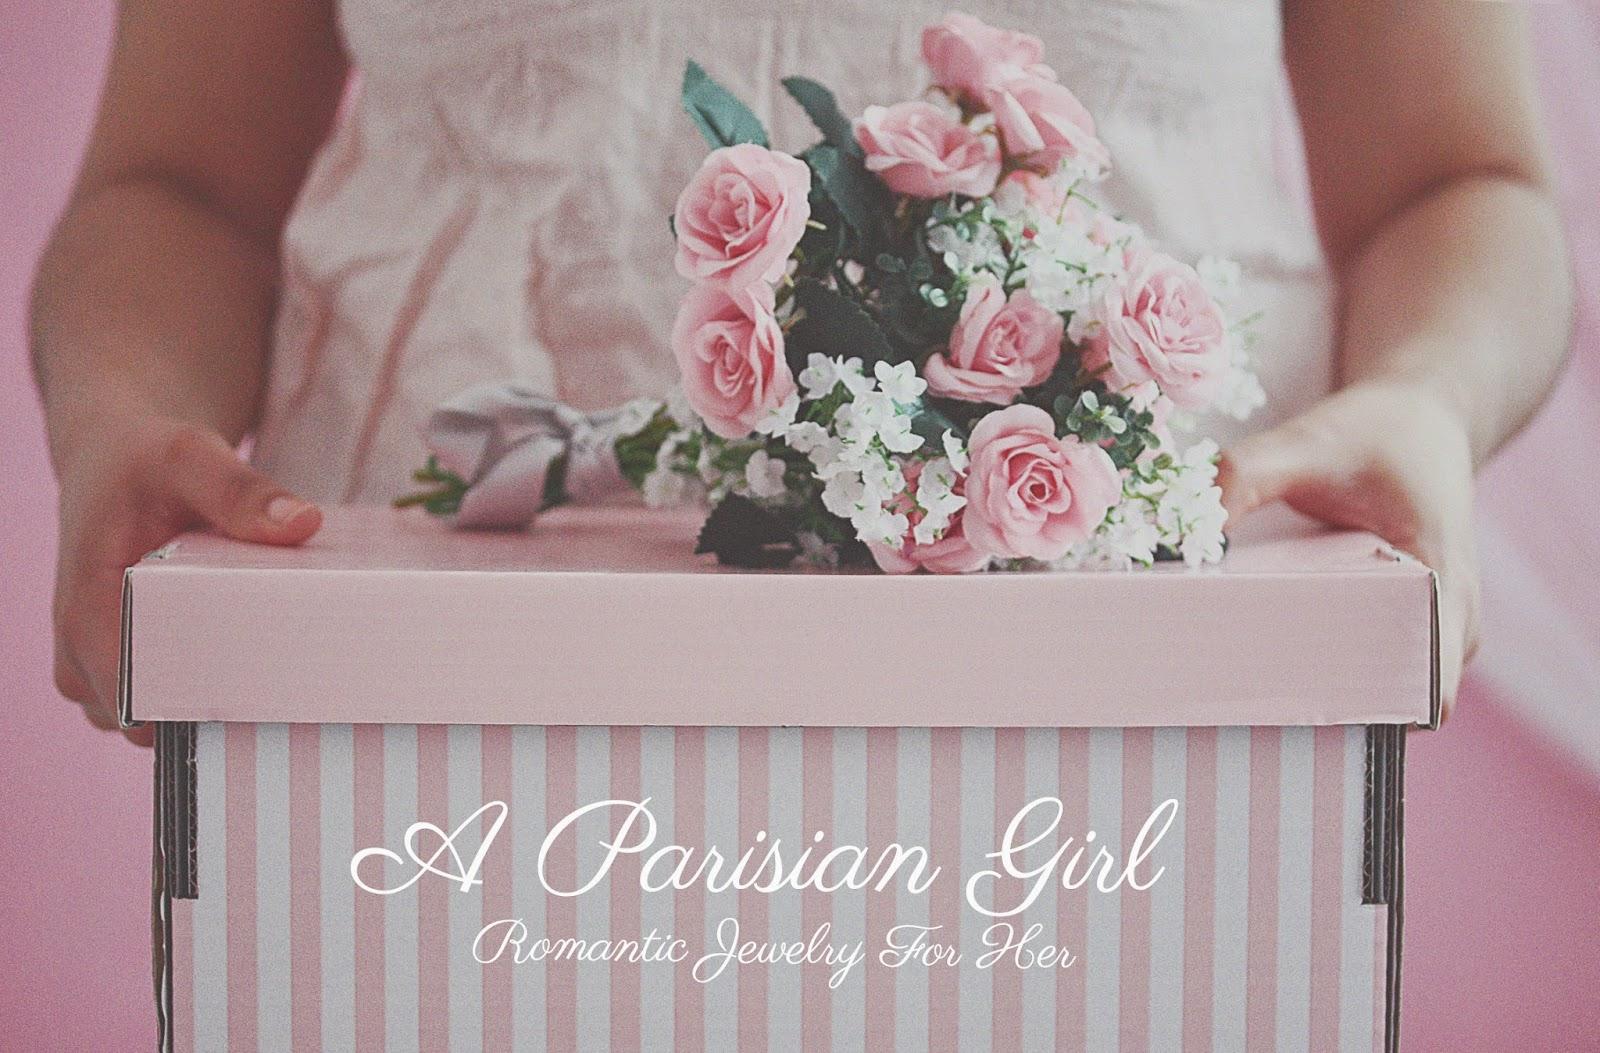 http://www.rosemademoiselle.com/2015/05/a-parisian-girl.html